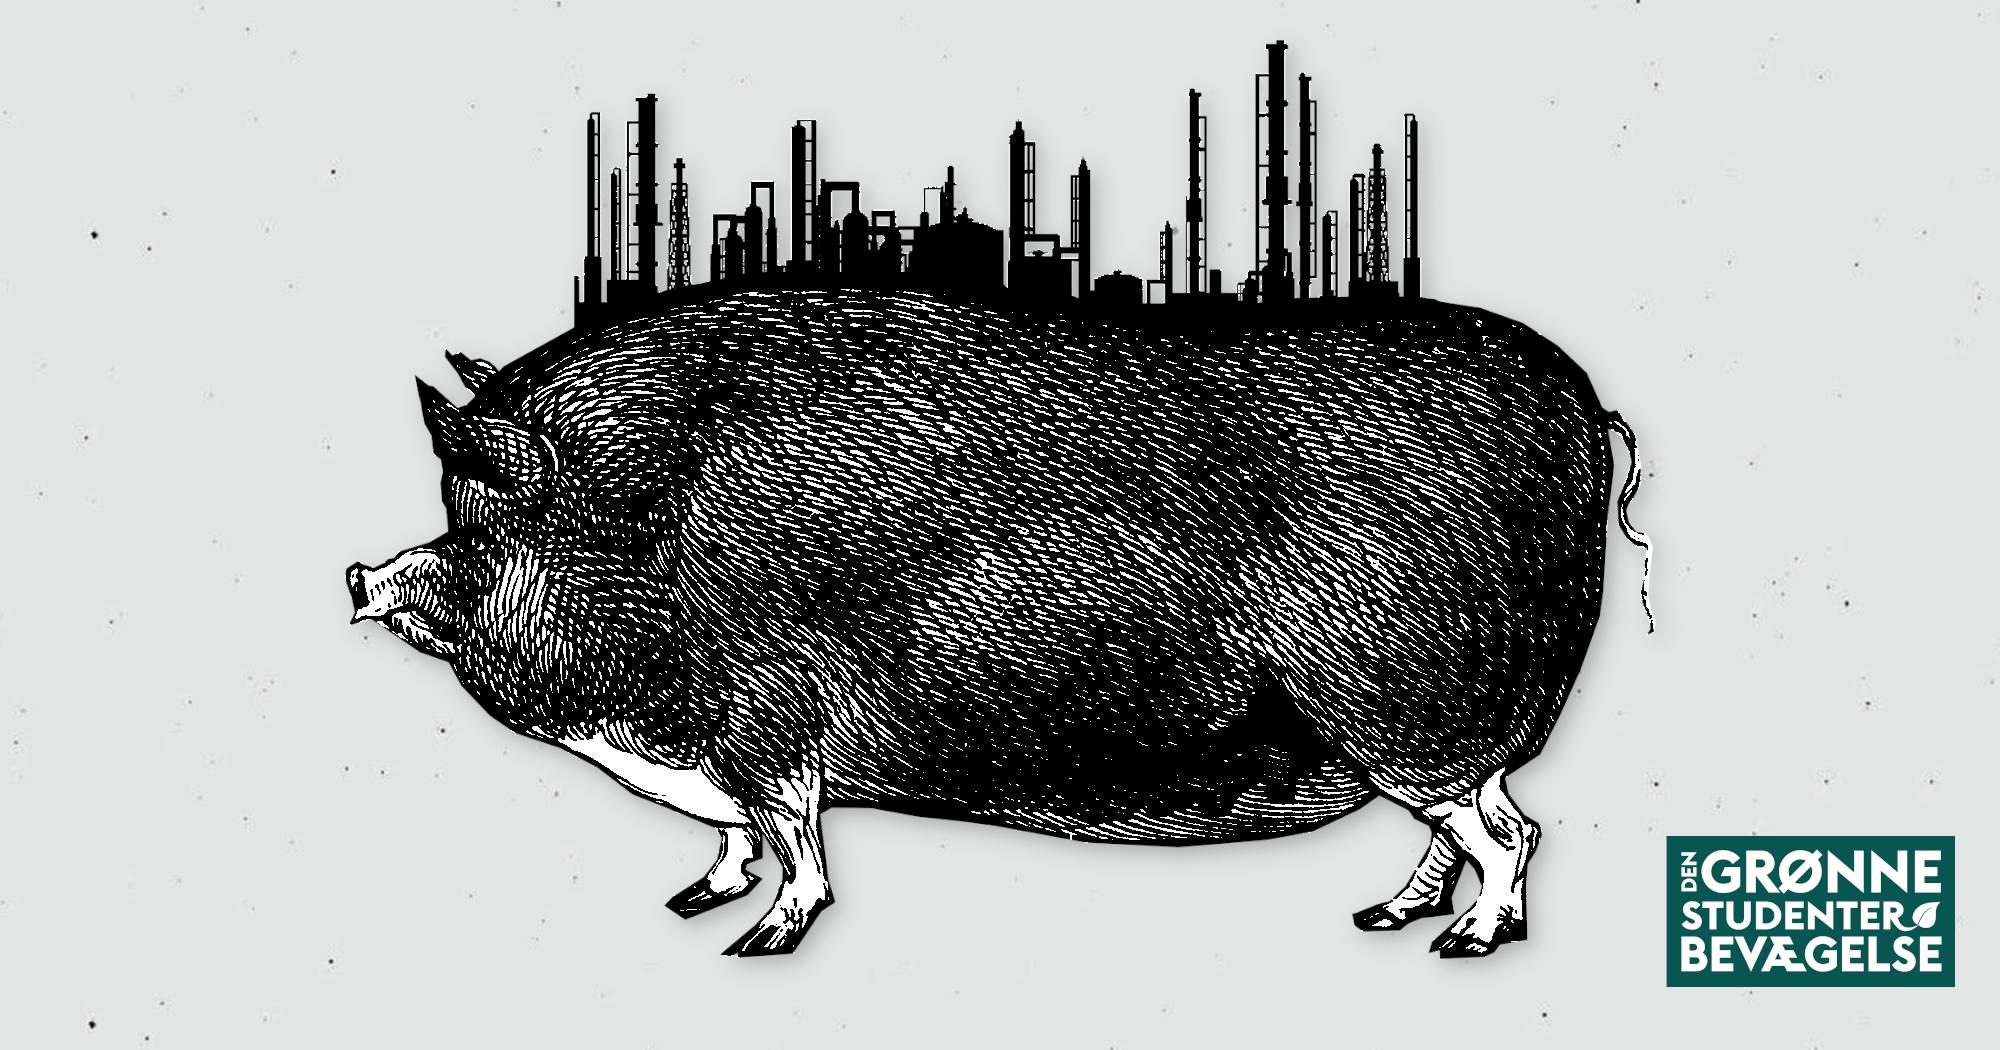 Danske svinefabrikker er spild af liv